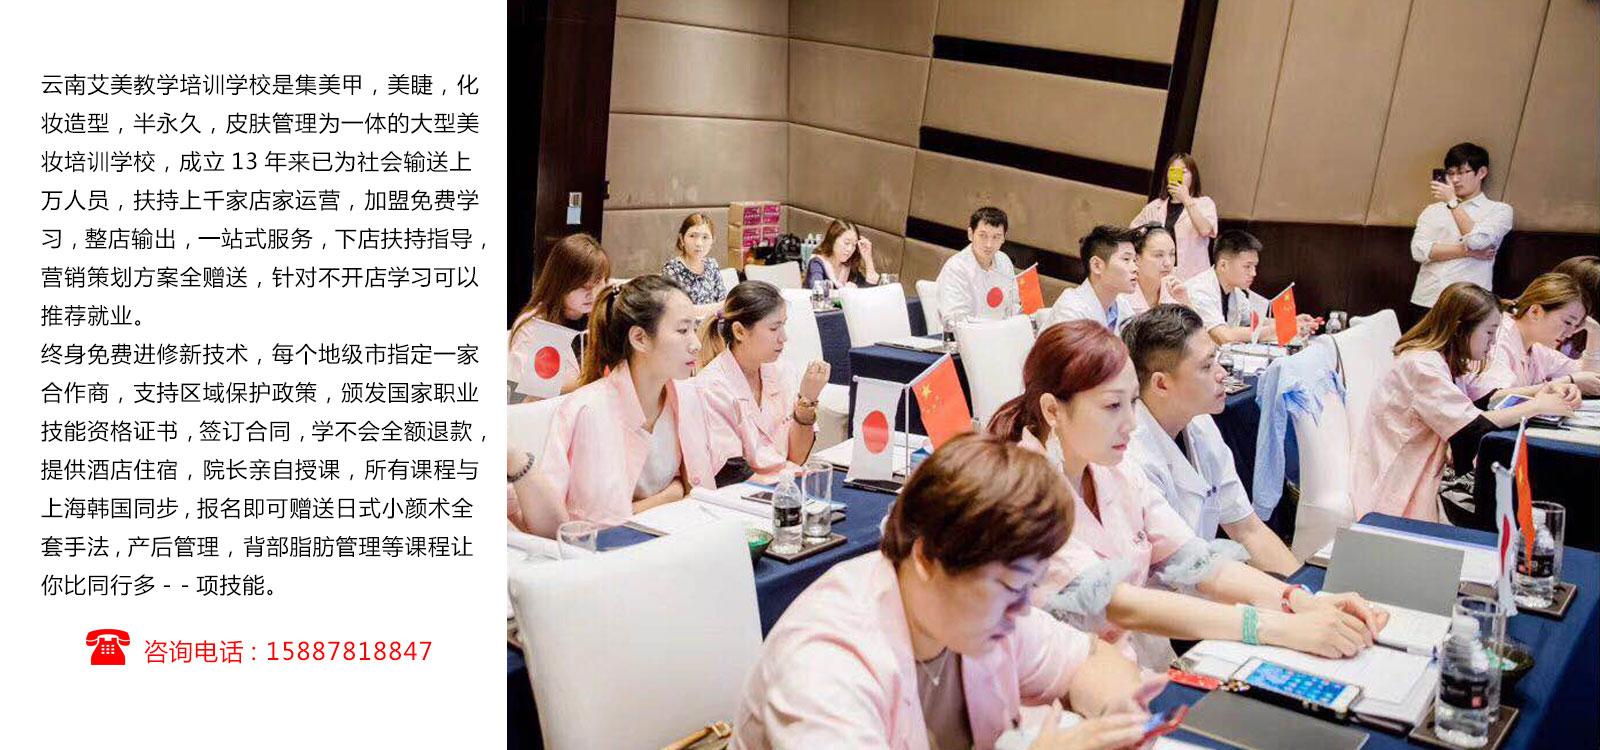 云南皮肤管理培训中心